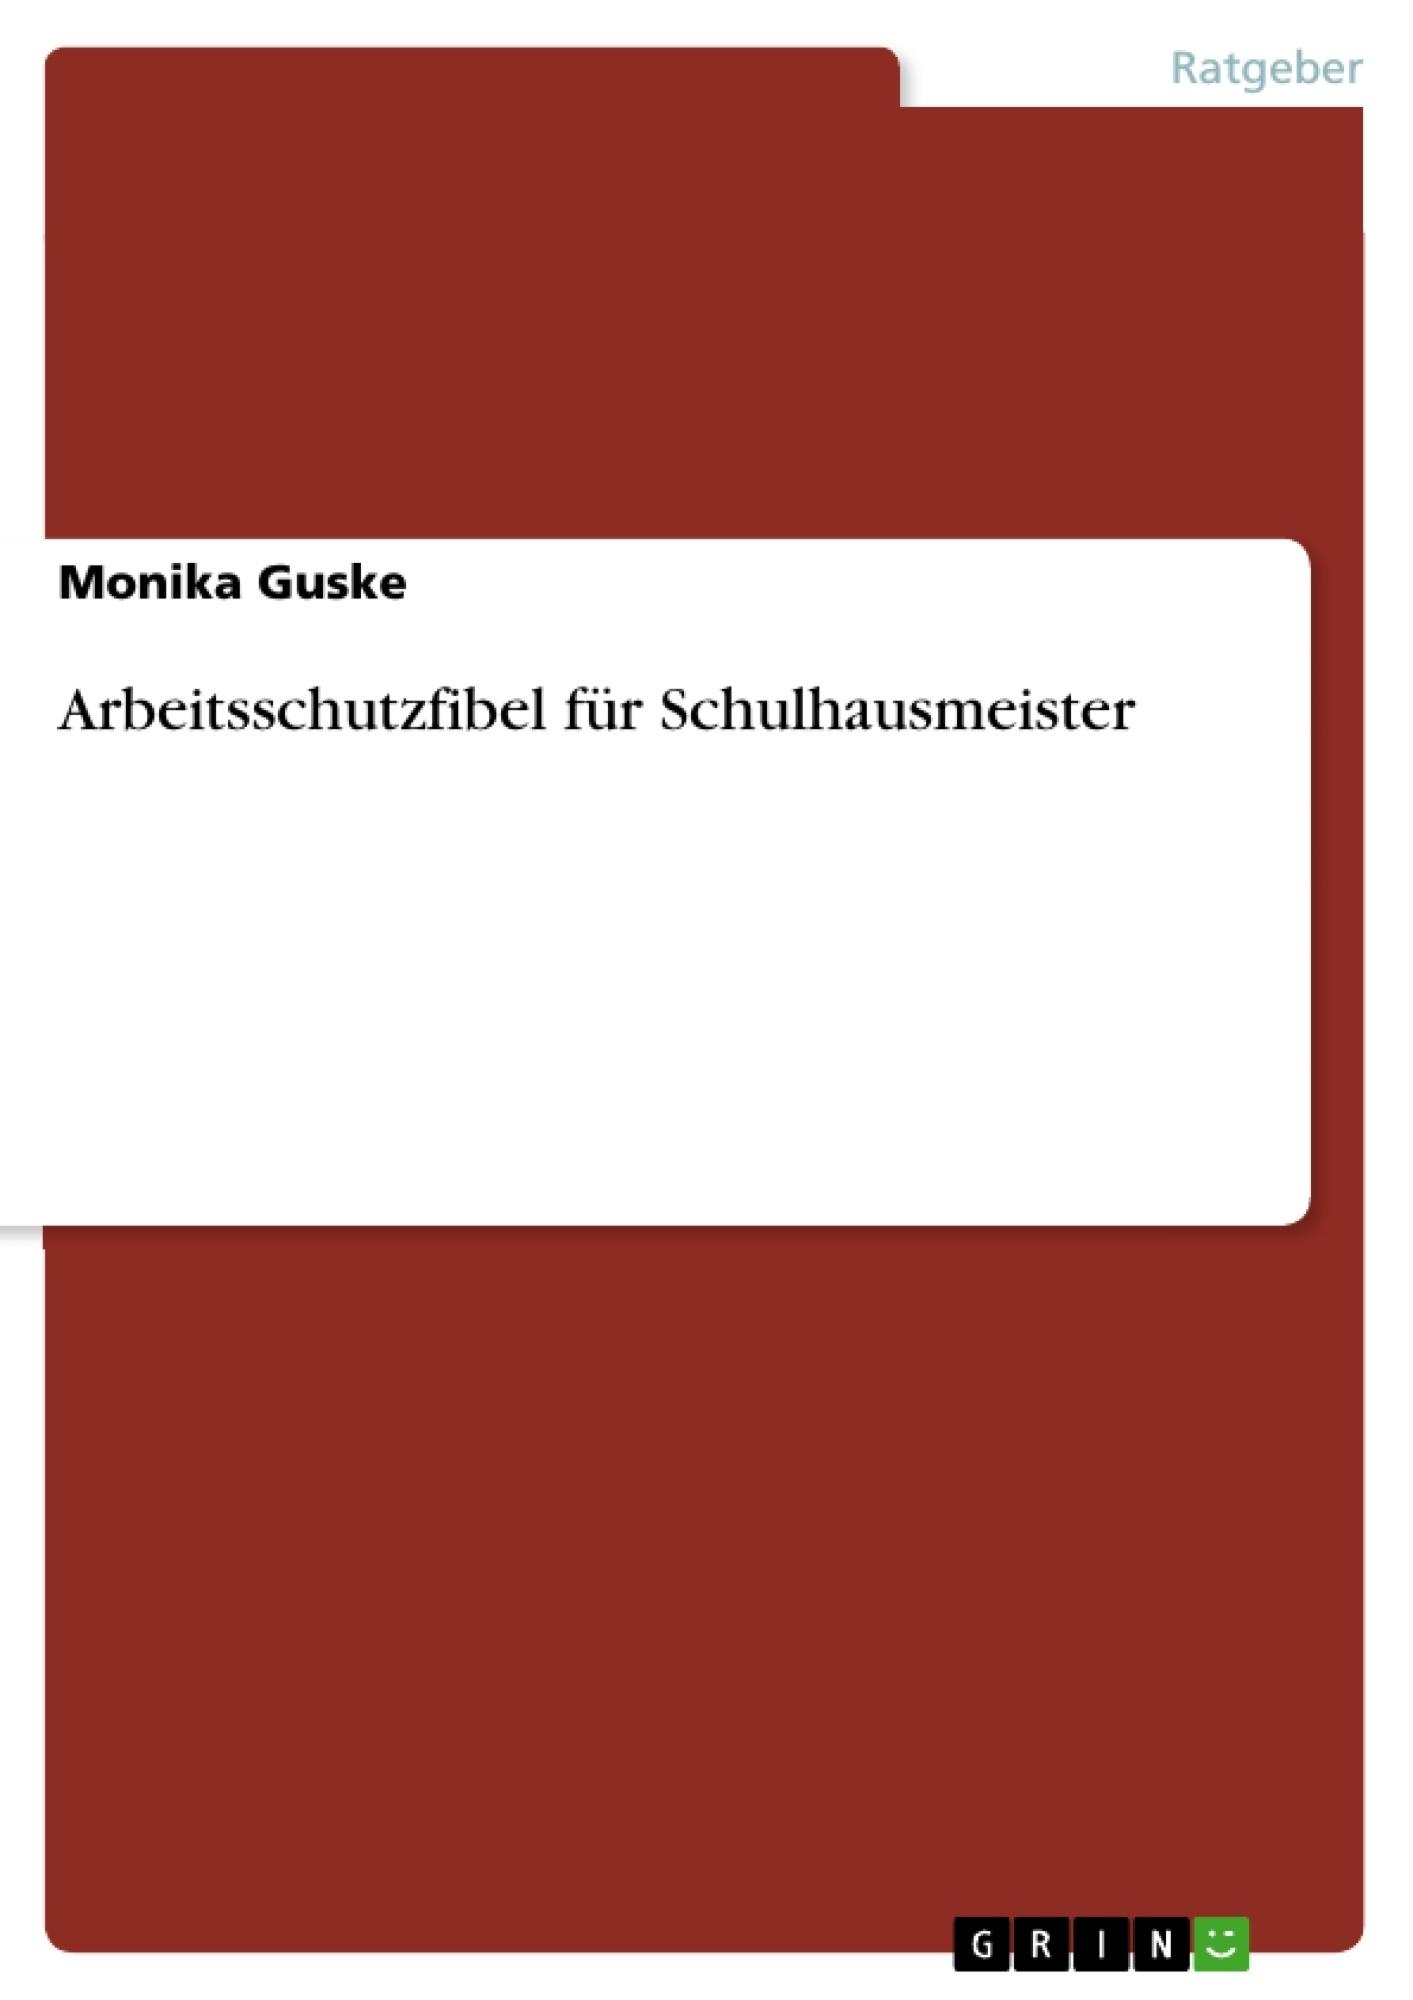 Titel: Arbeitsschutzfibel für Schulhausmeister